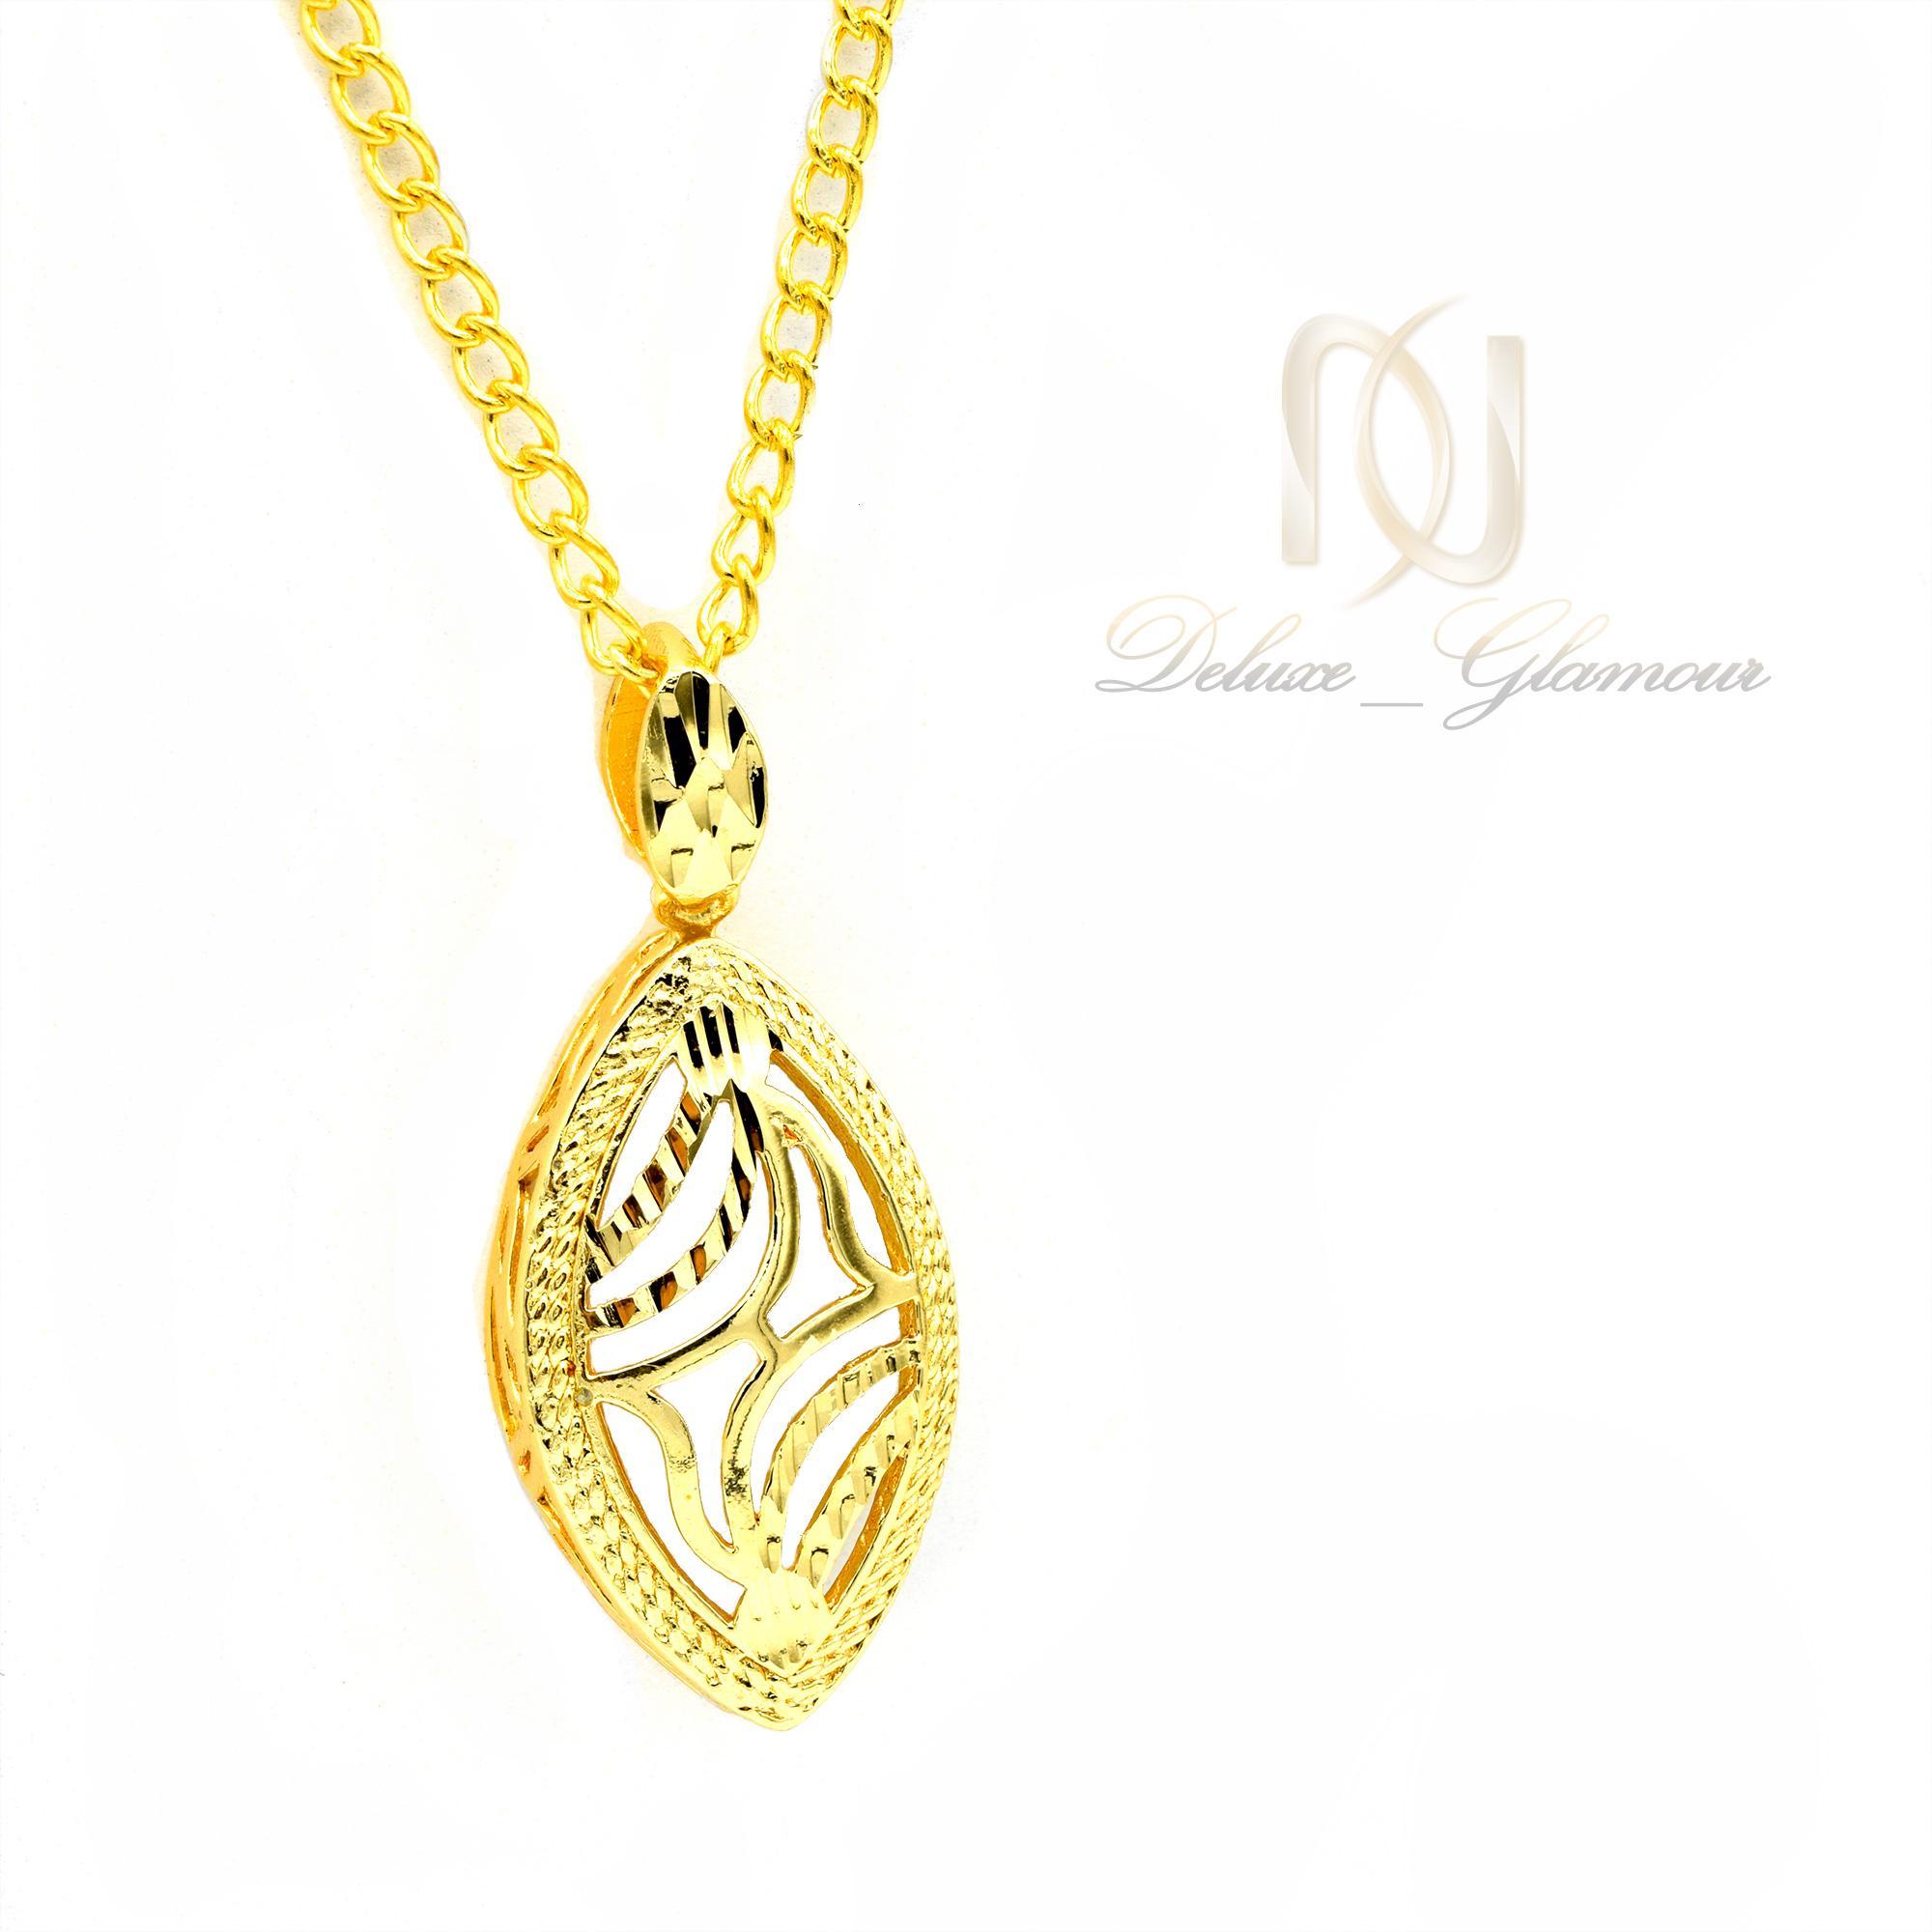 گردنبند زنانه برنجی طرح طلا nw-n458 از نمای روبرو